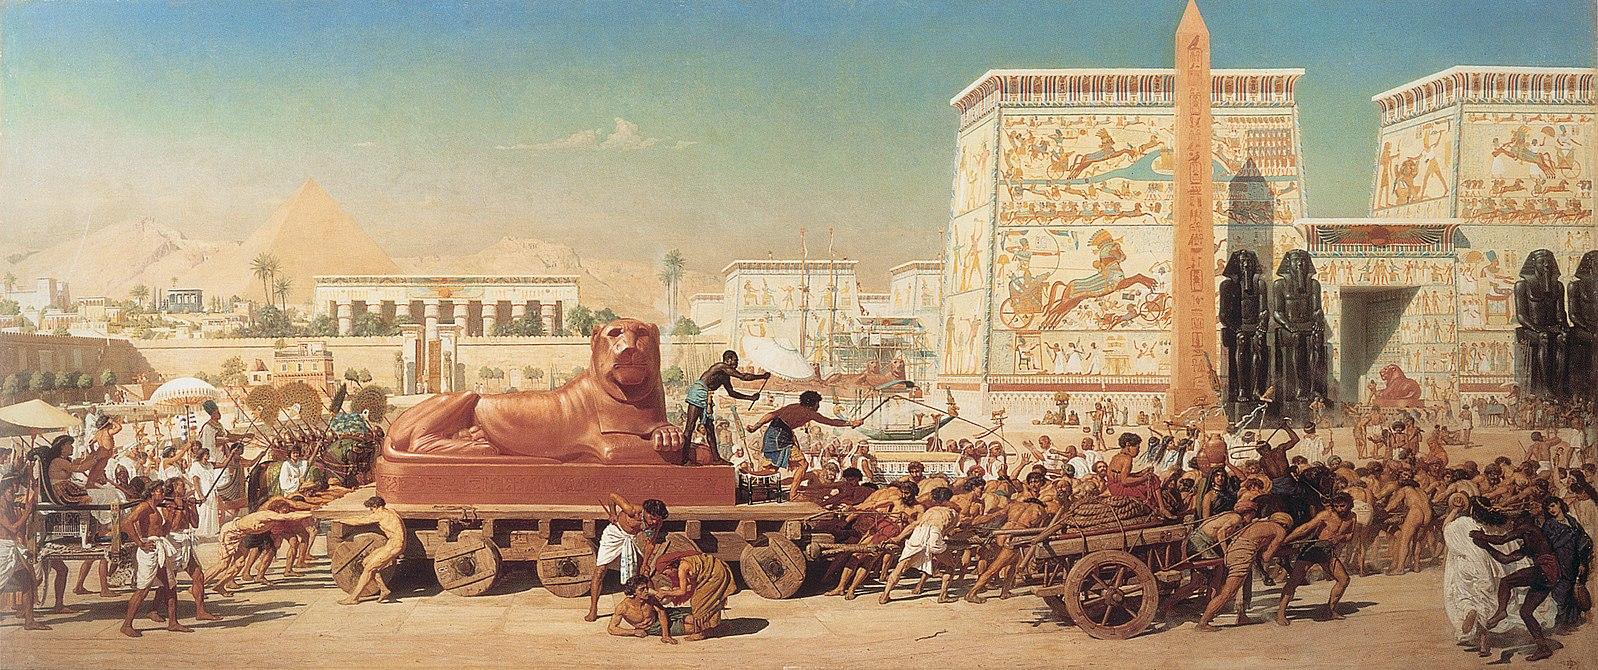 Israël Egypte histoire char ciel montagnes Edward Poynter